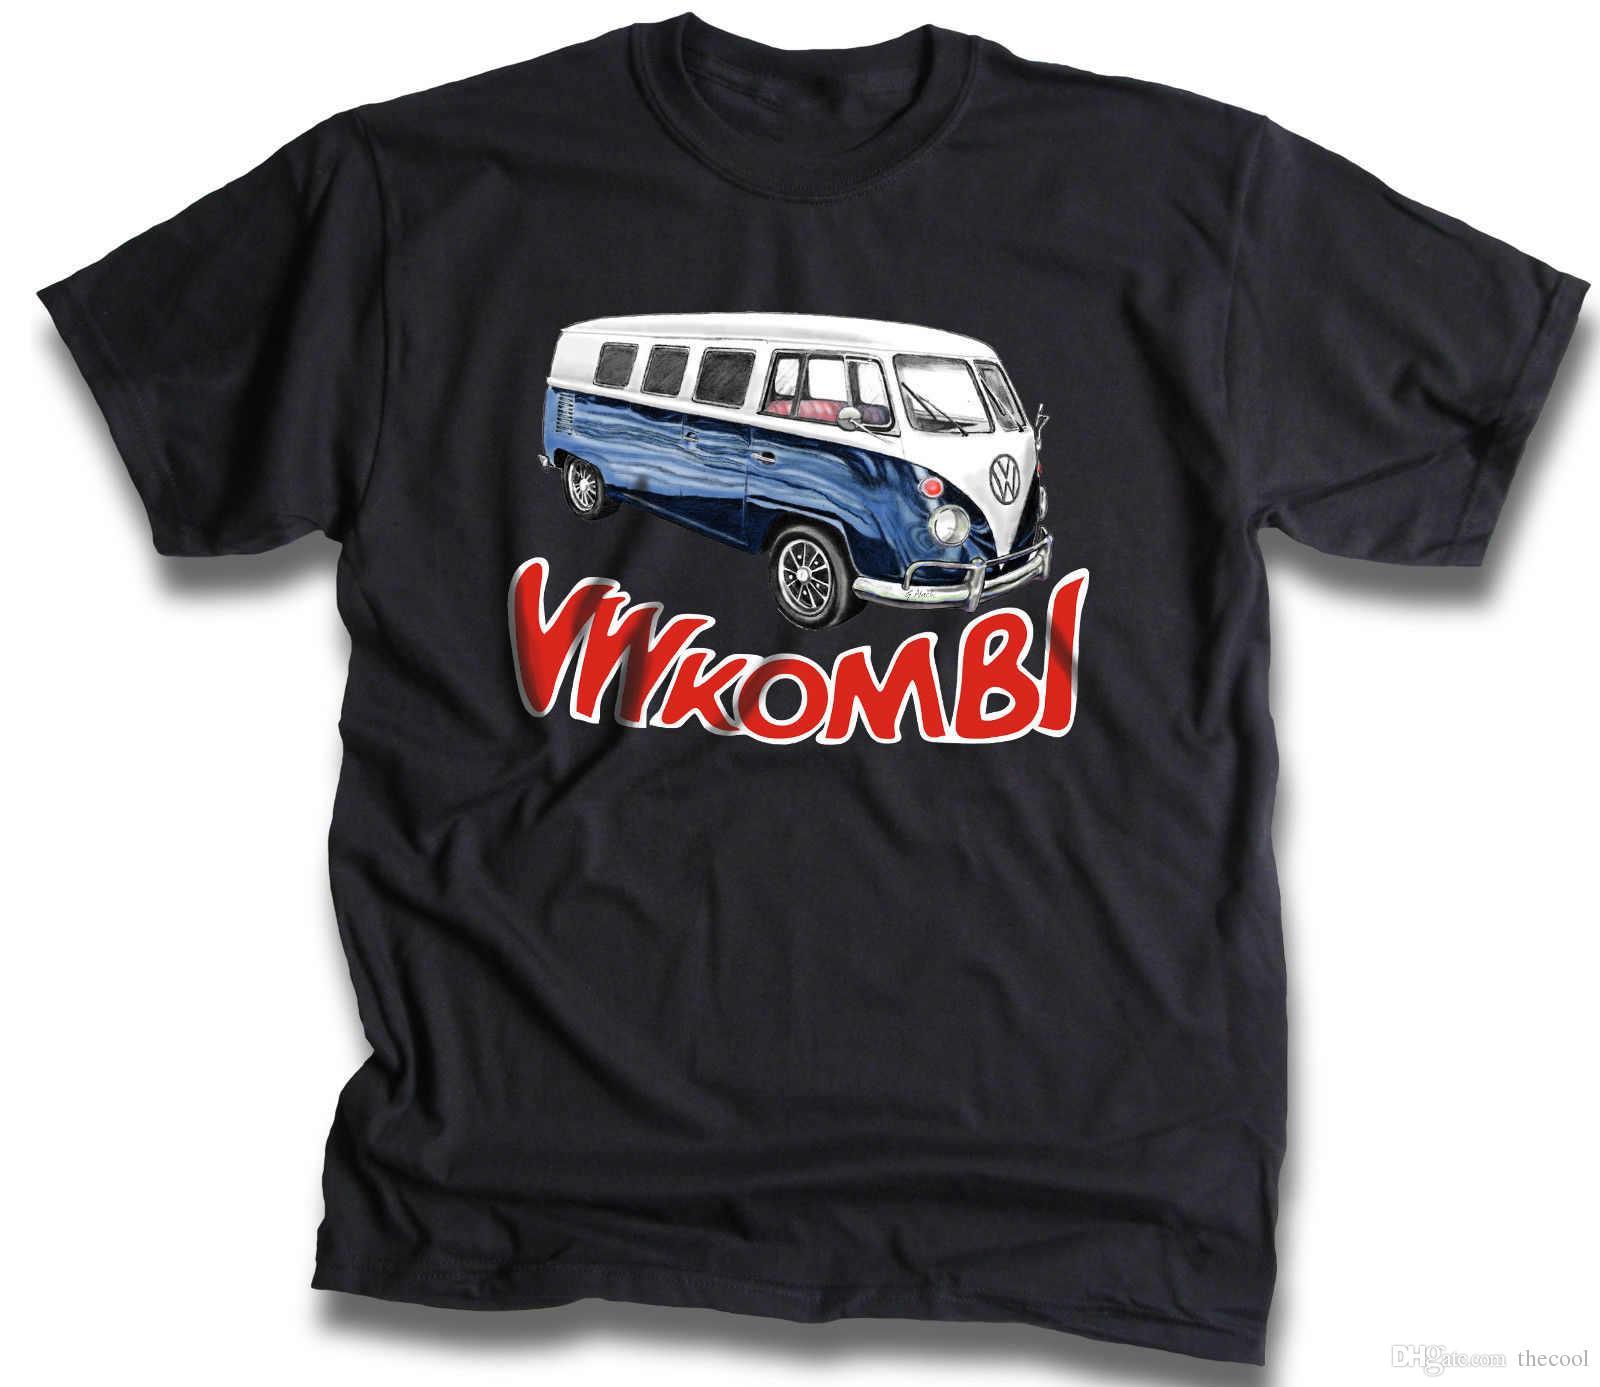 f643fd7d5 Compre 1955 Vw Combi Van Camiseta Mão Desenhada Por Greg Alach Preto Sm 4XL  De Thecool